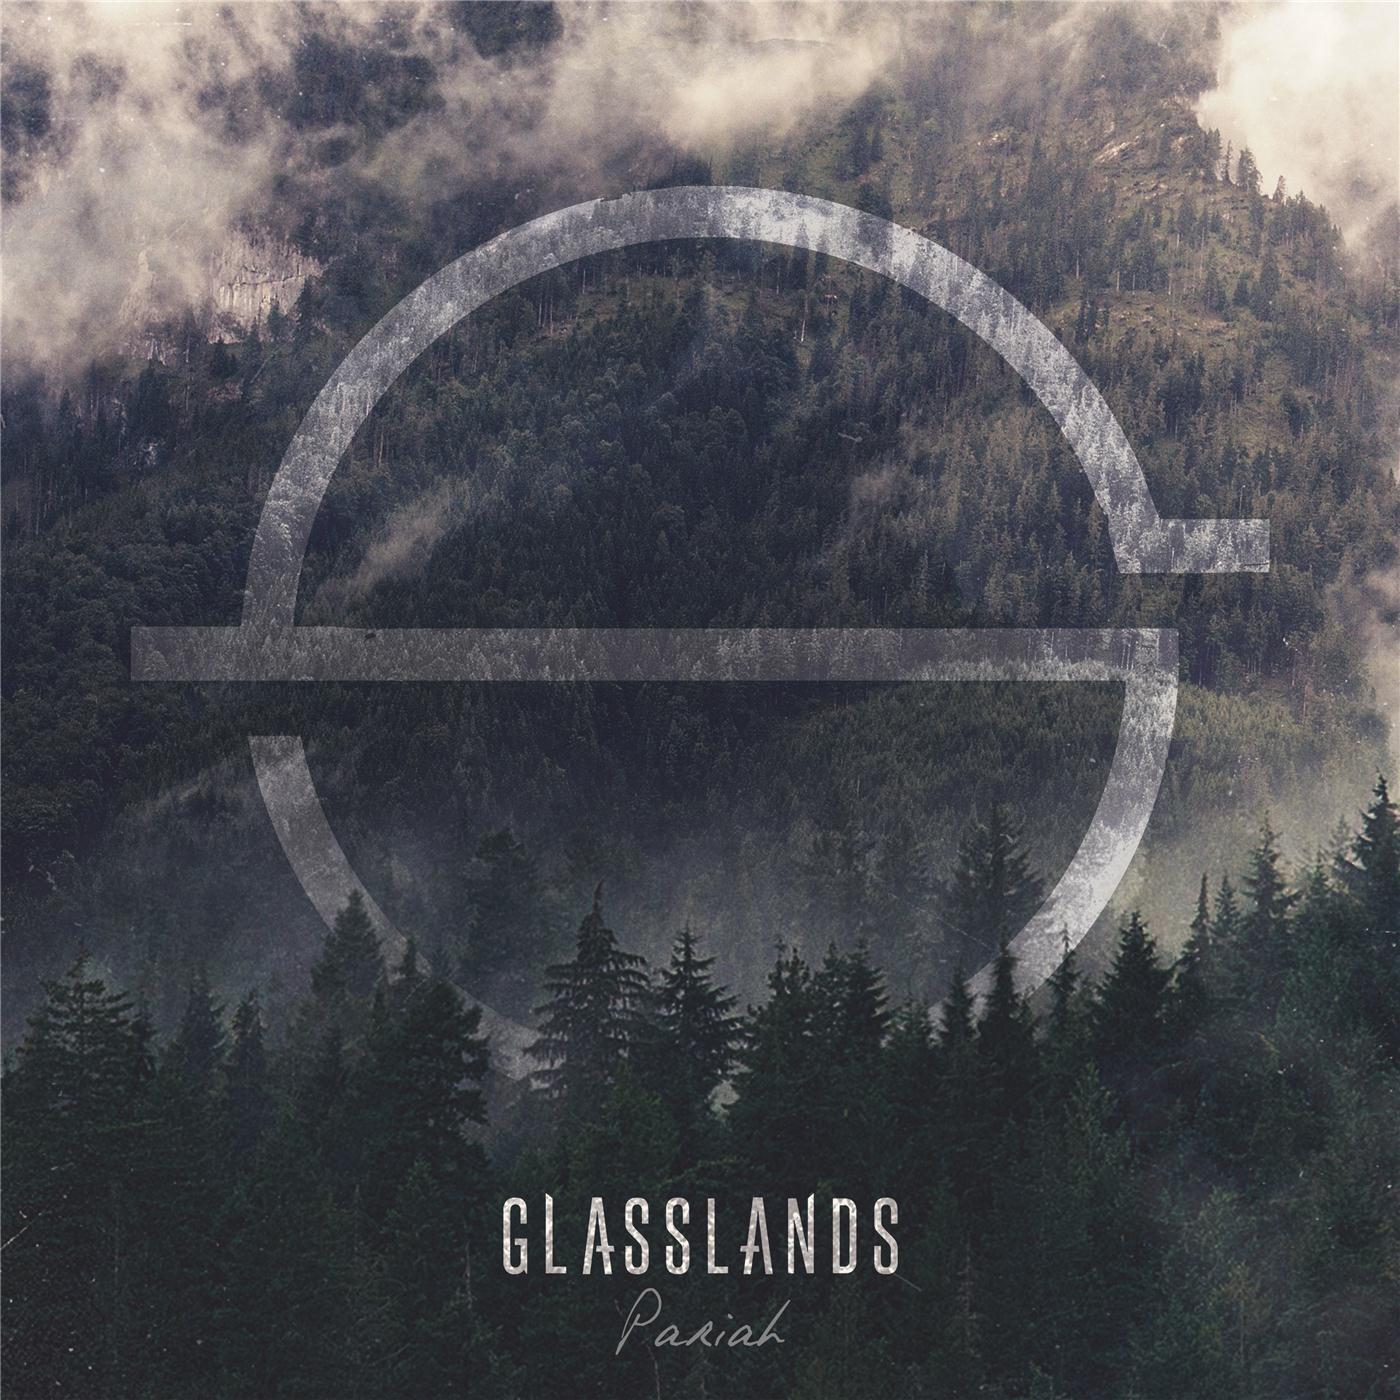 Glasslands - Pariah (2016)